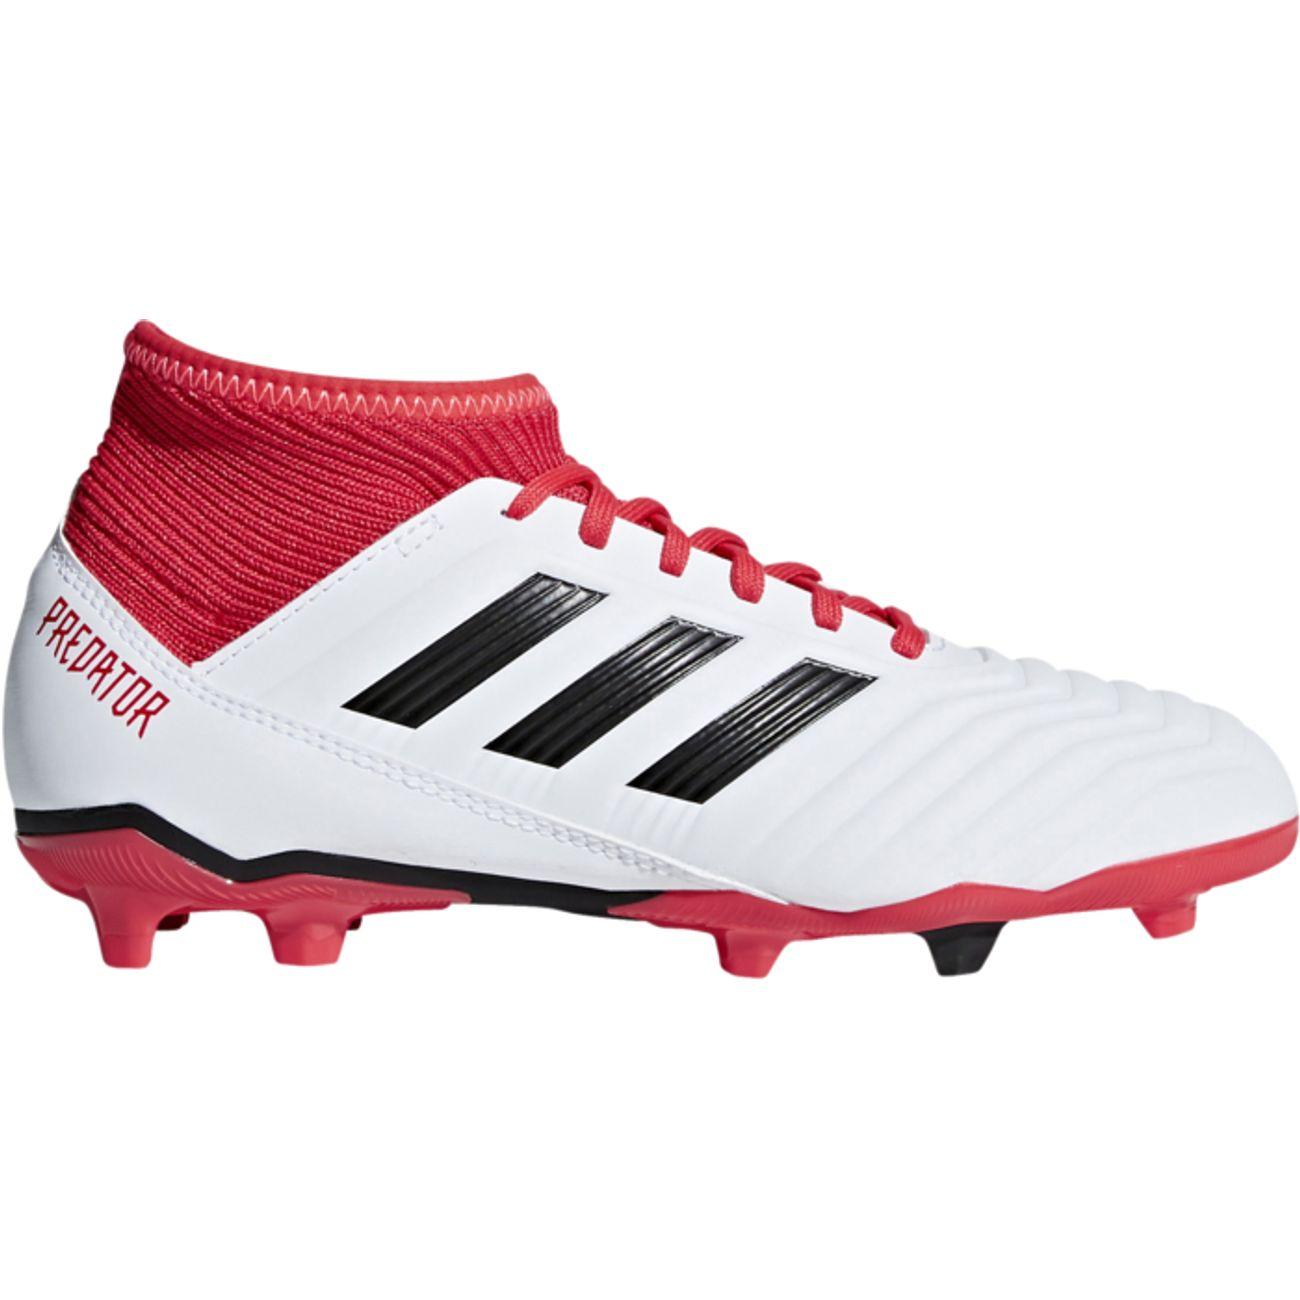 CHAUSSURES FOOTBALL ADIDAS PREDATOR 18.3 FG J